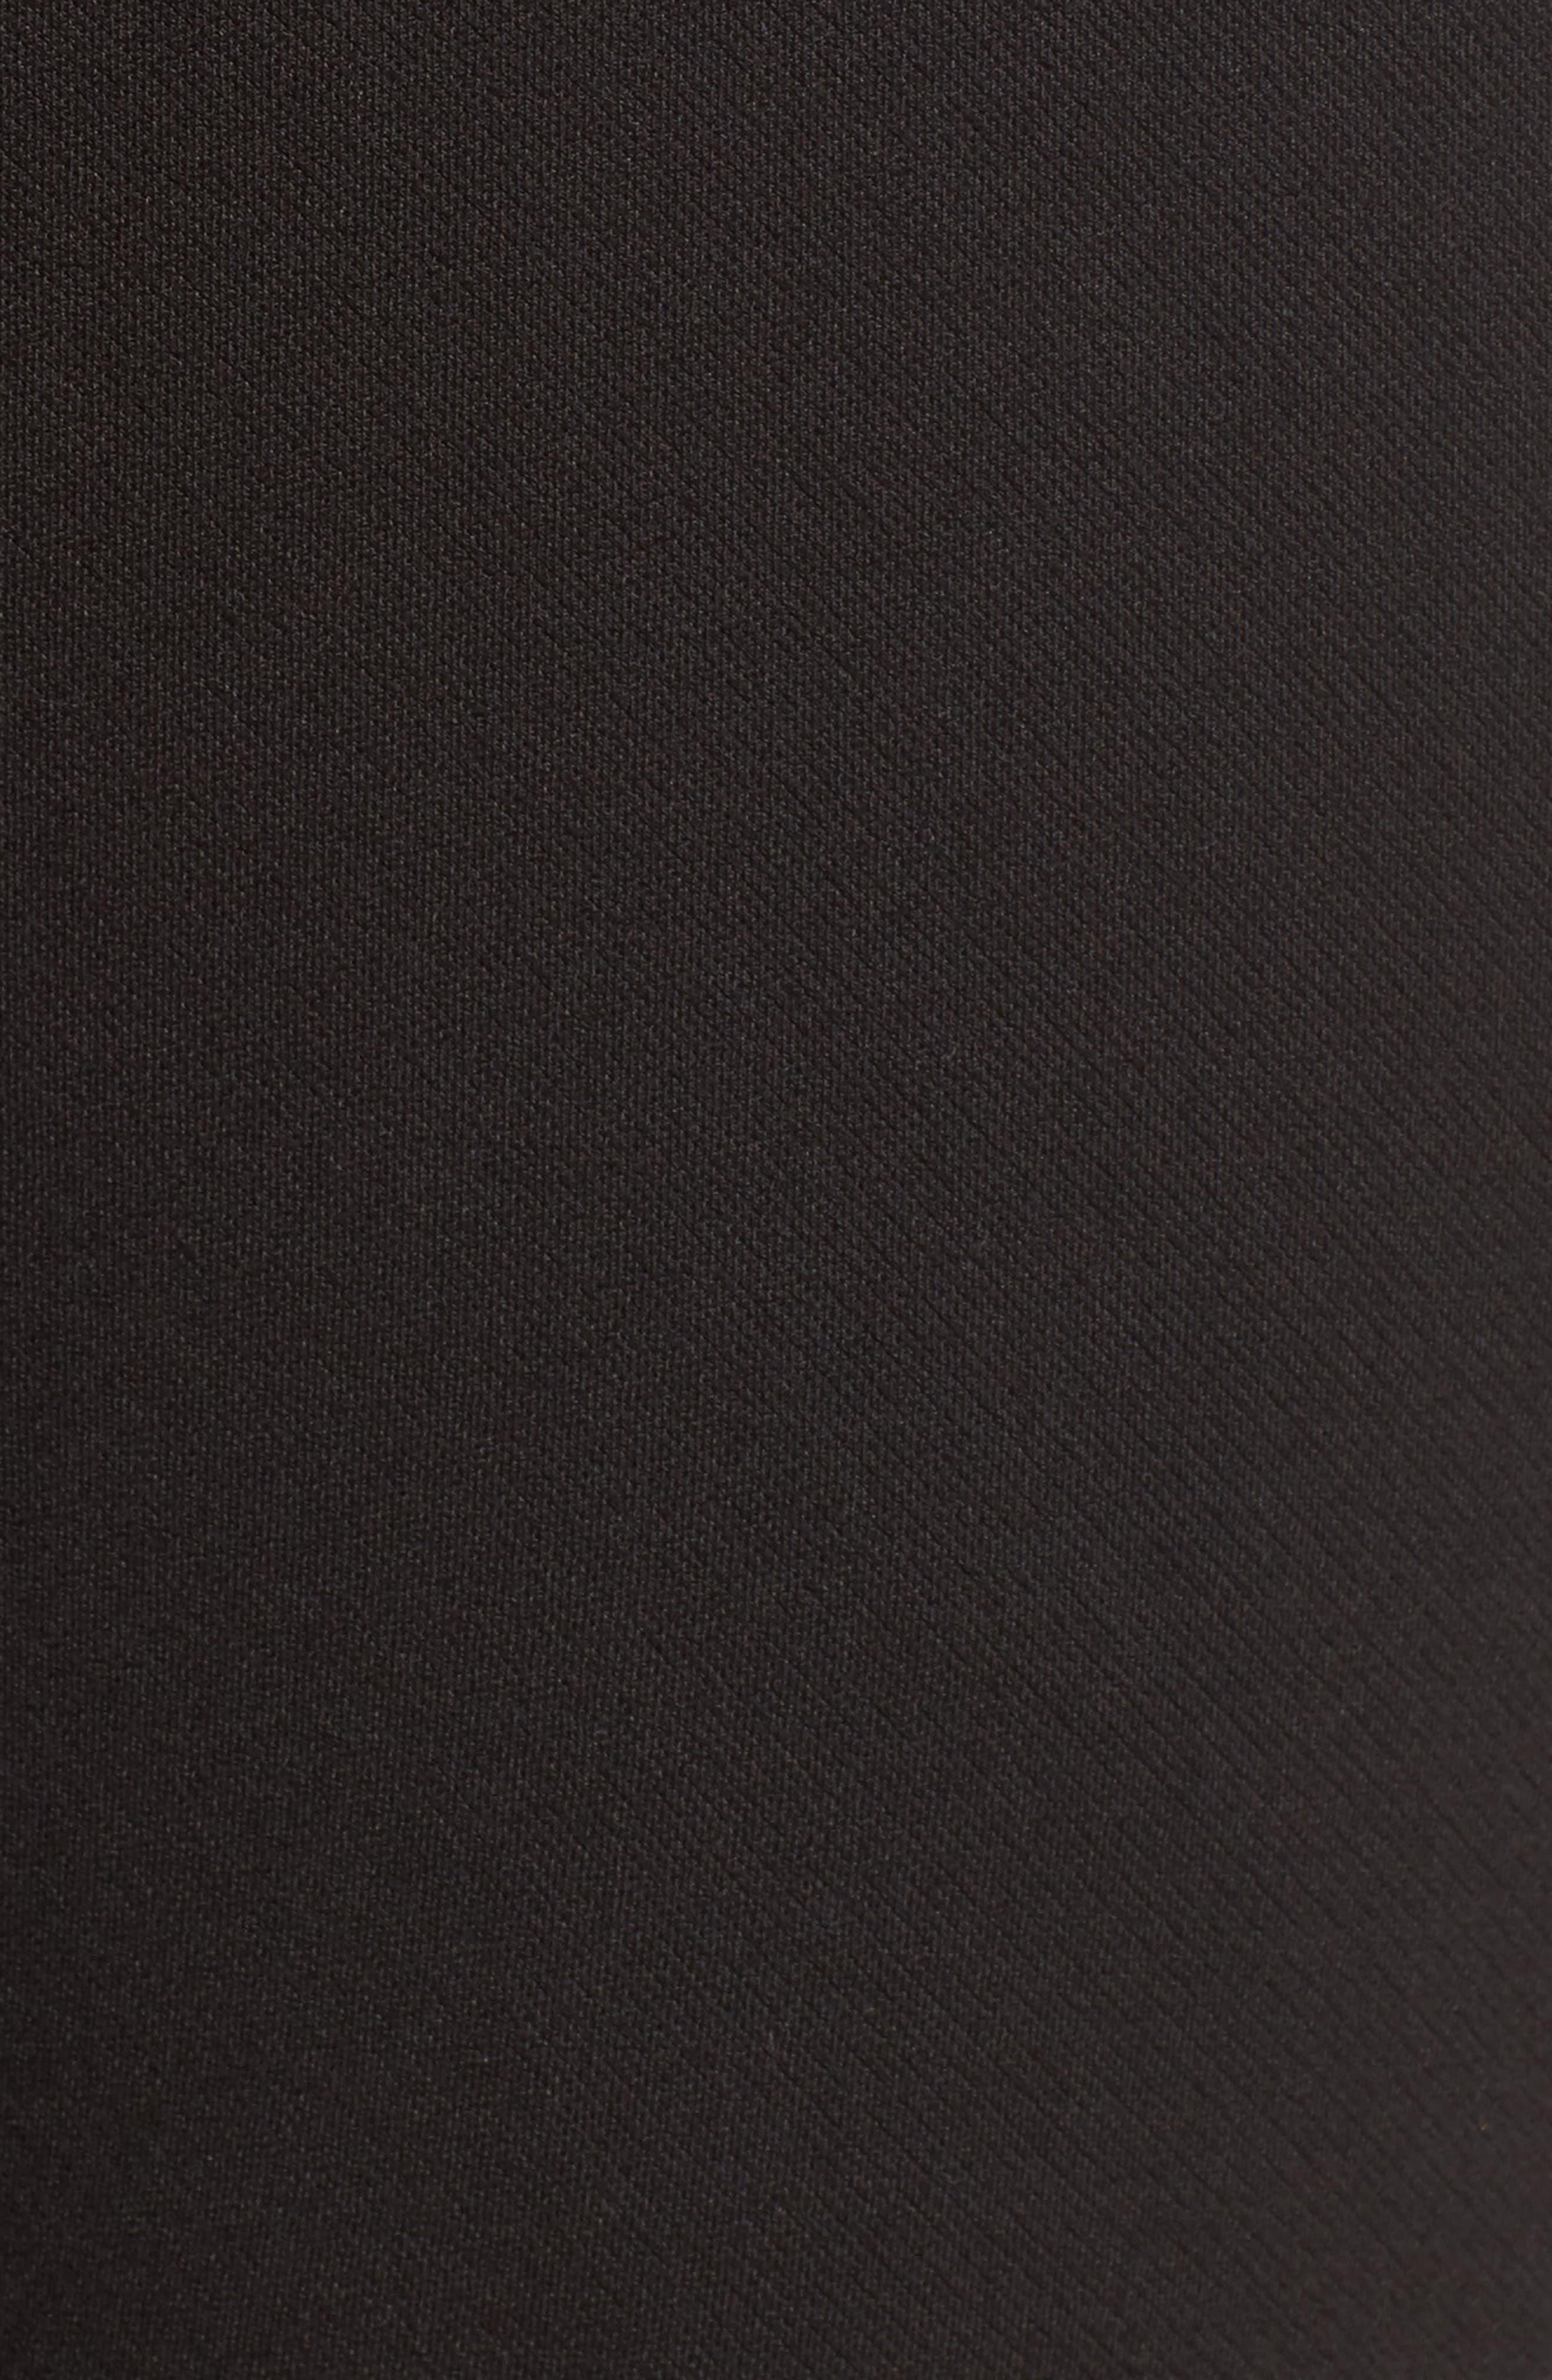 Brighton Crop Knit Cigarette Pants,                             Alternate thumbnail 5, color,                             BLACK